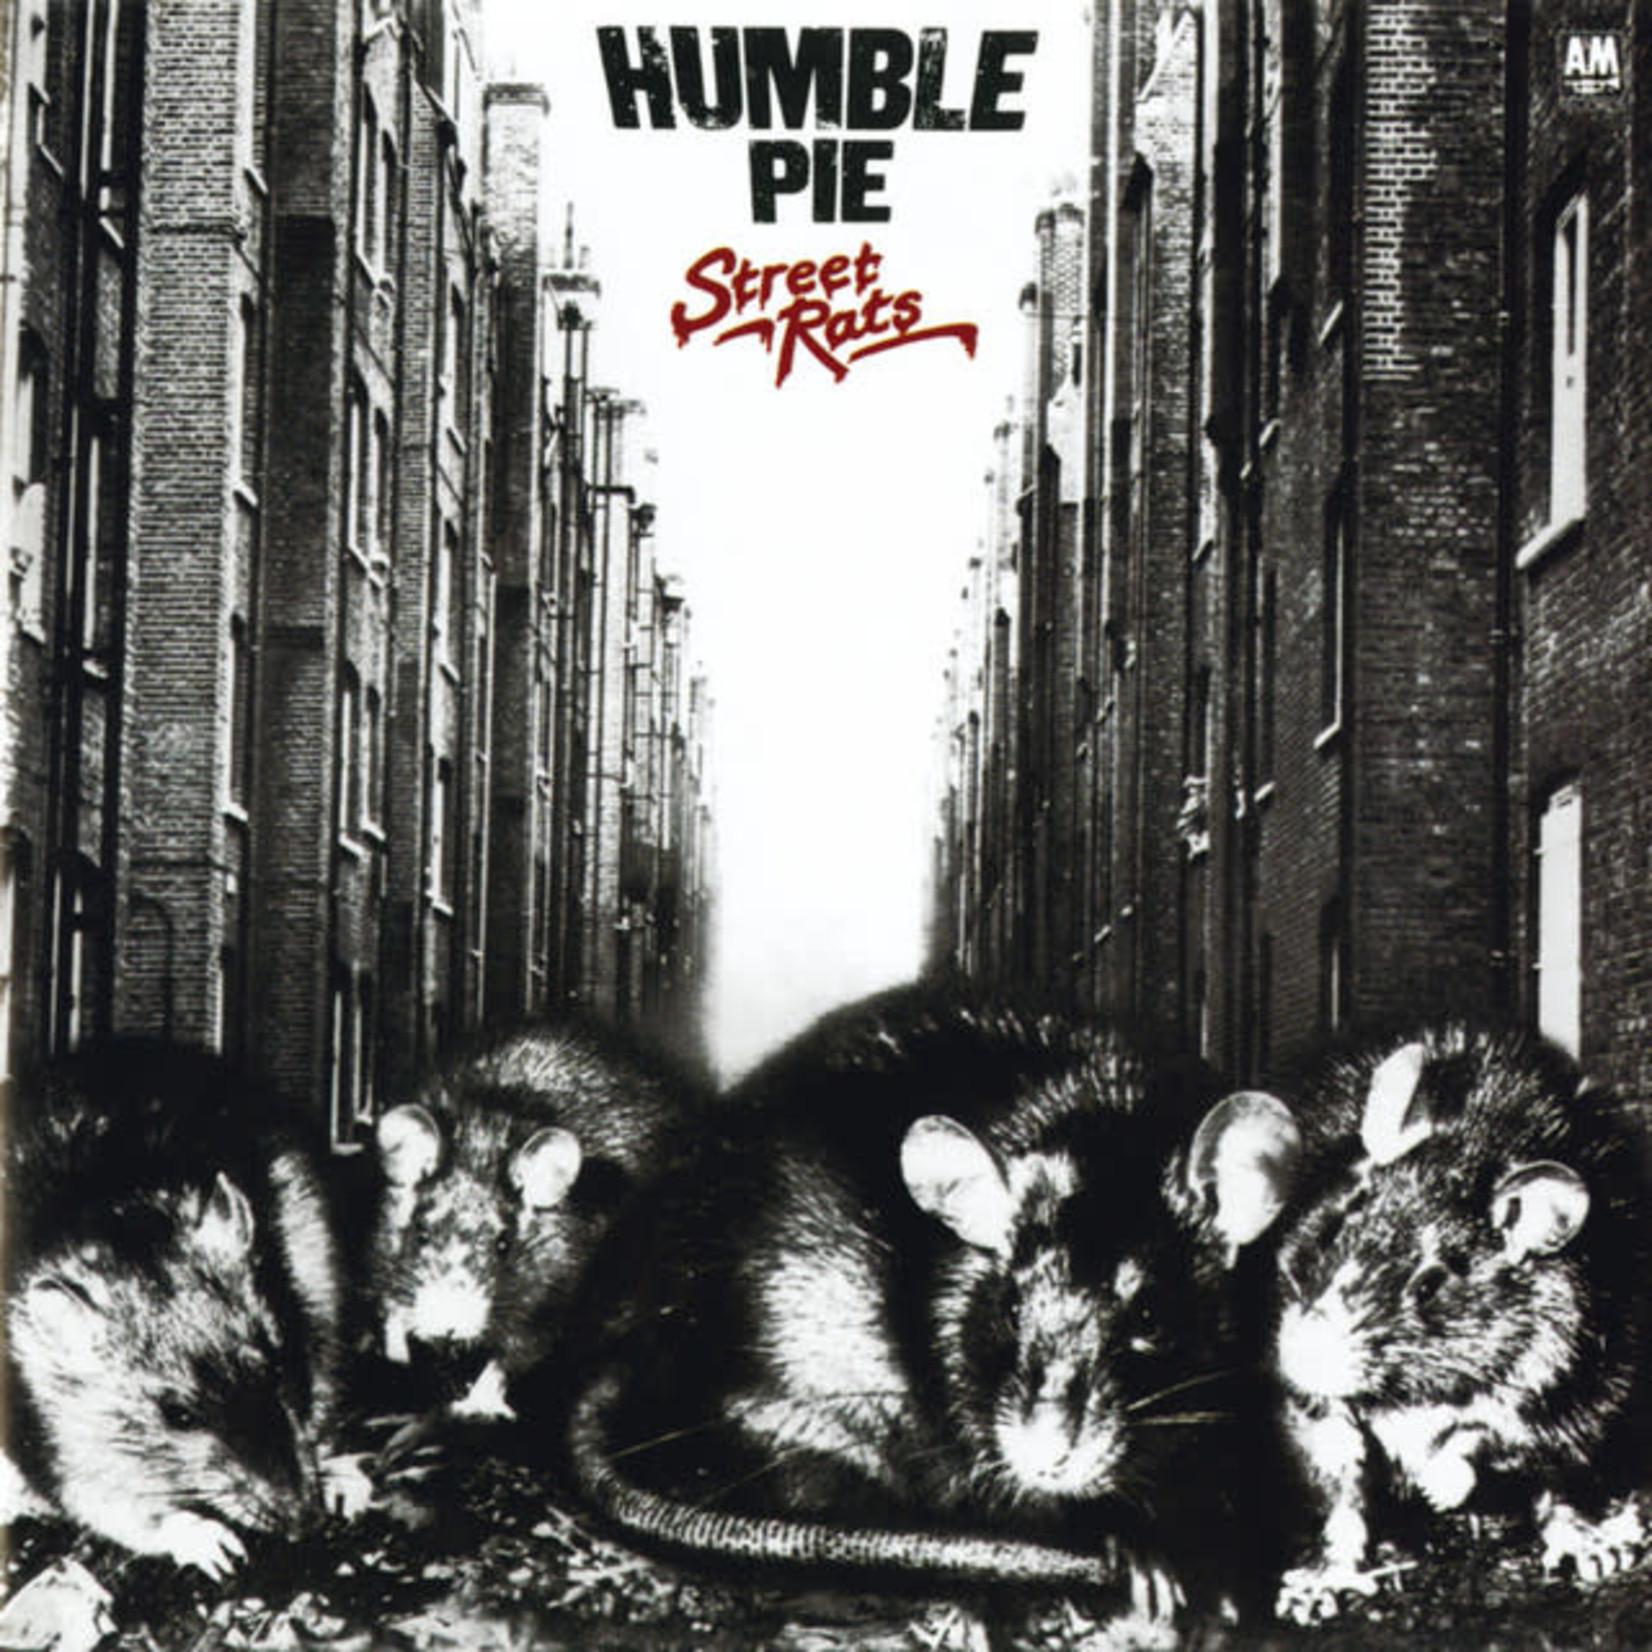 Vinyl Humble Pie - Street Rats. $20